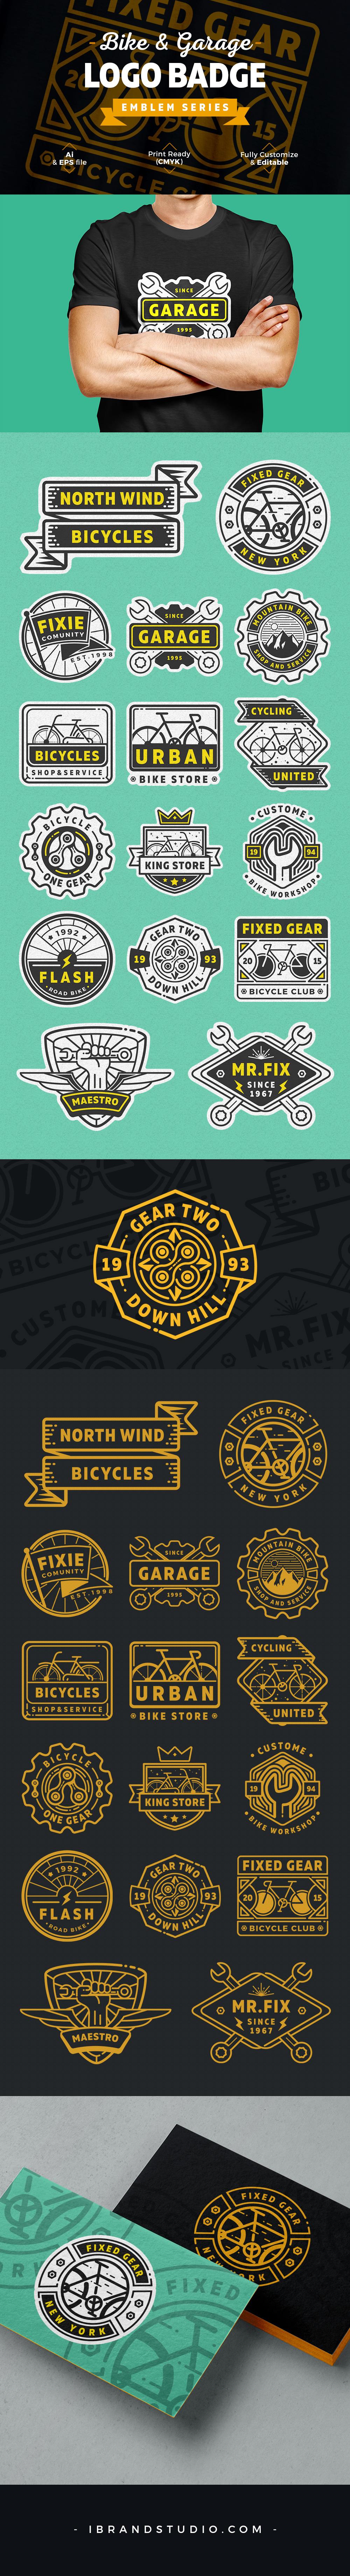 Free Bike Garage Logos and Badges